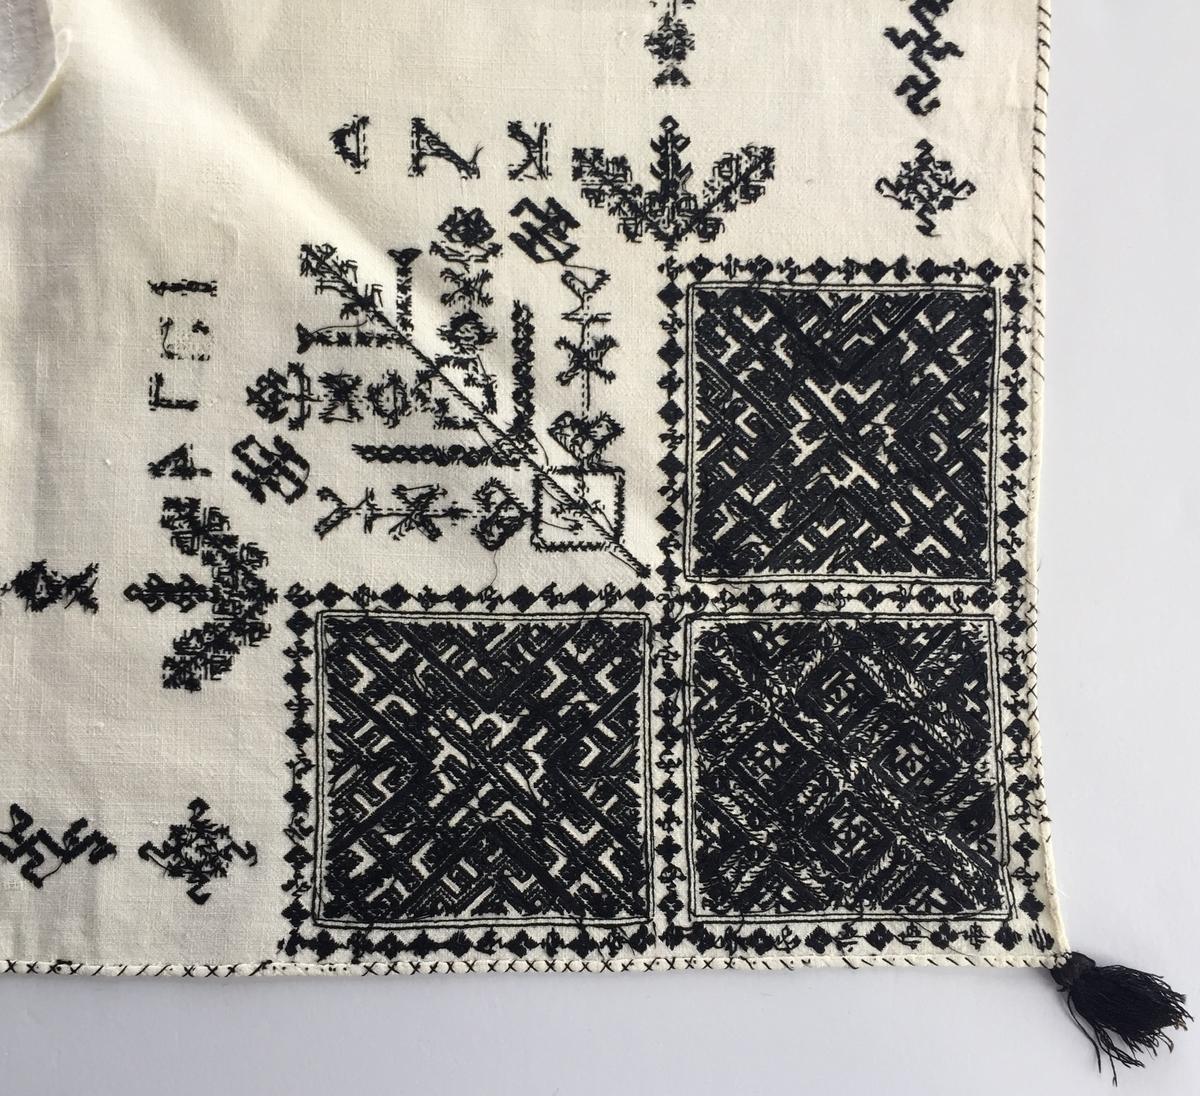 Geometriskt mönster huvudsakligen i rätlinjig plattsöm i kvadrater i hörnen. Två bårder mellan kvadraterna på ryggsnibb och framsnibbar.  På ryggsnibben tre kvadrater och en  majstångsspira samt märkning med årtal och initialer. På varje framsnibb en kvadrat och en trekant. Sex ornament.